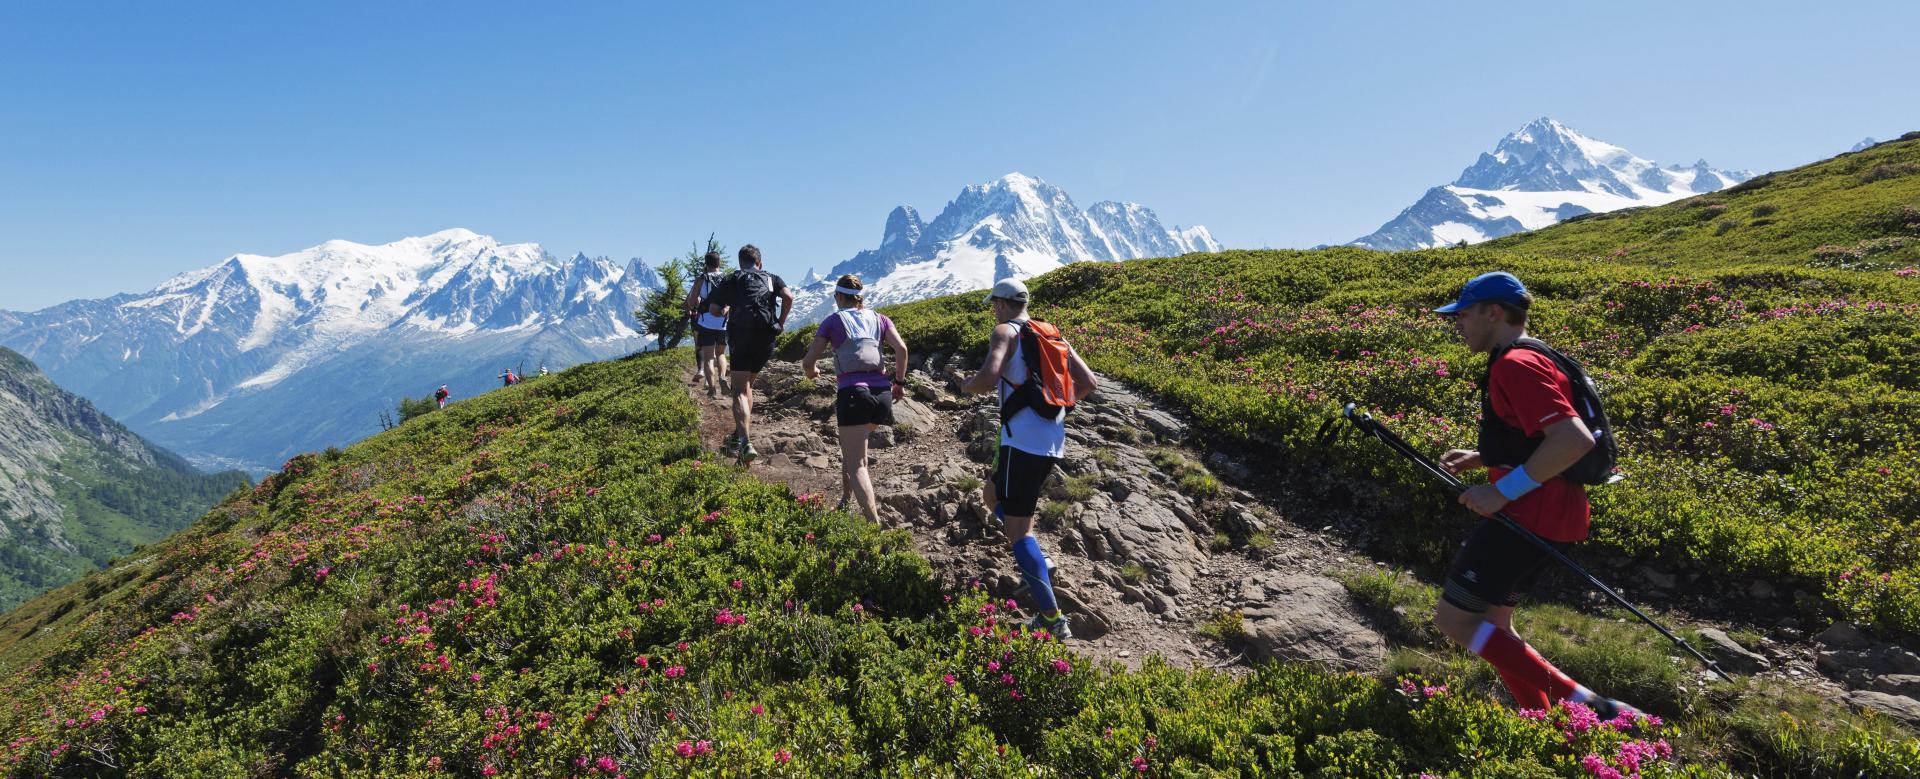 Voyage à pied France : Le trail du mont-blanc avec julien chorier